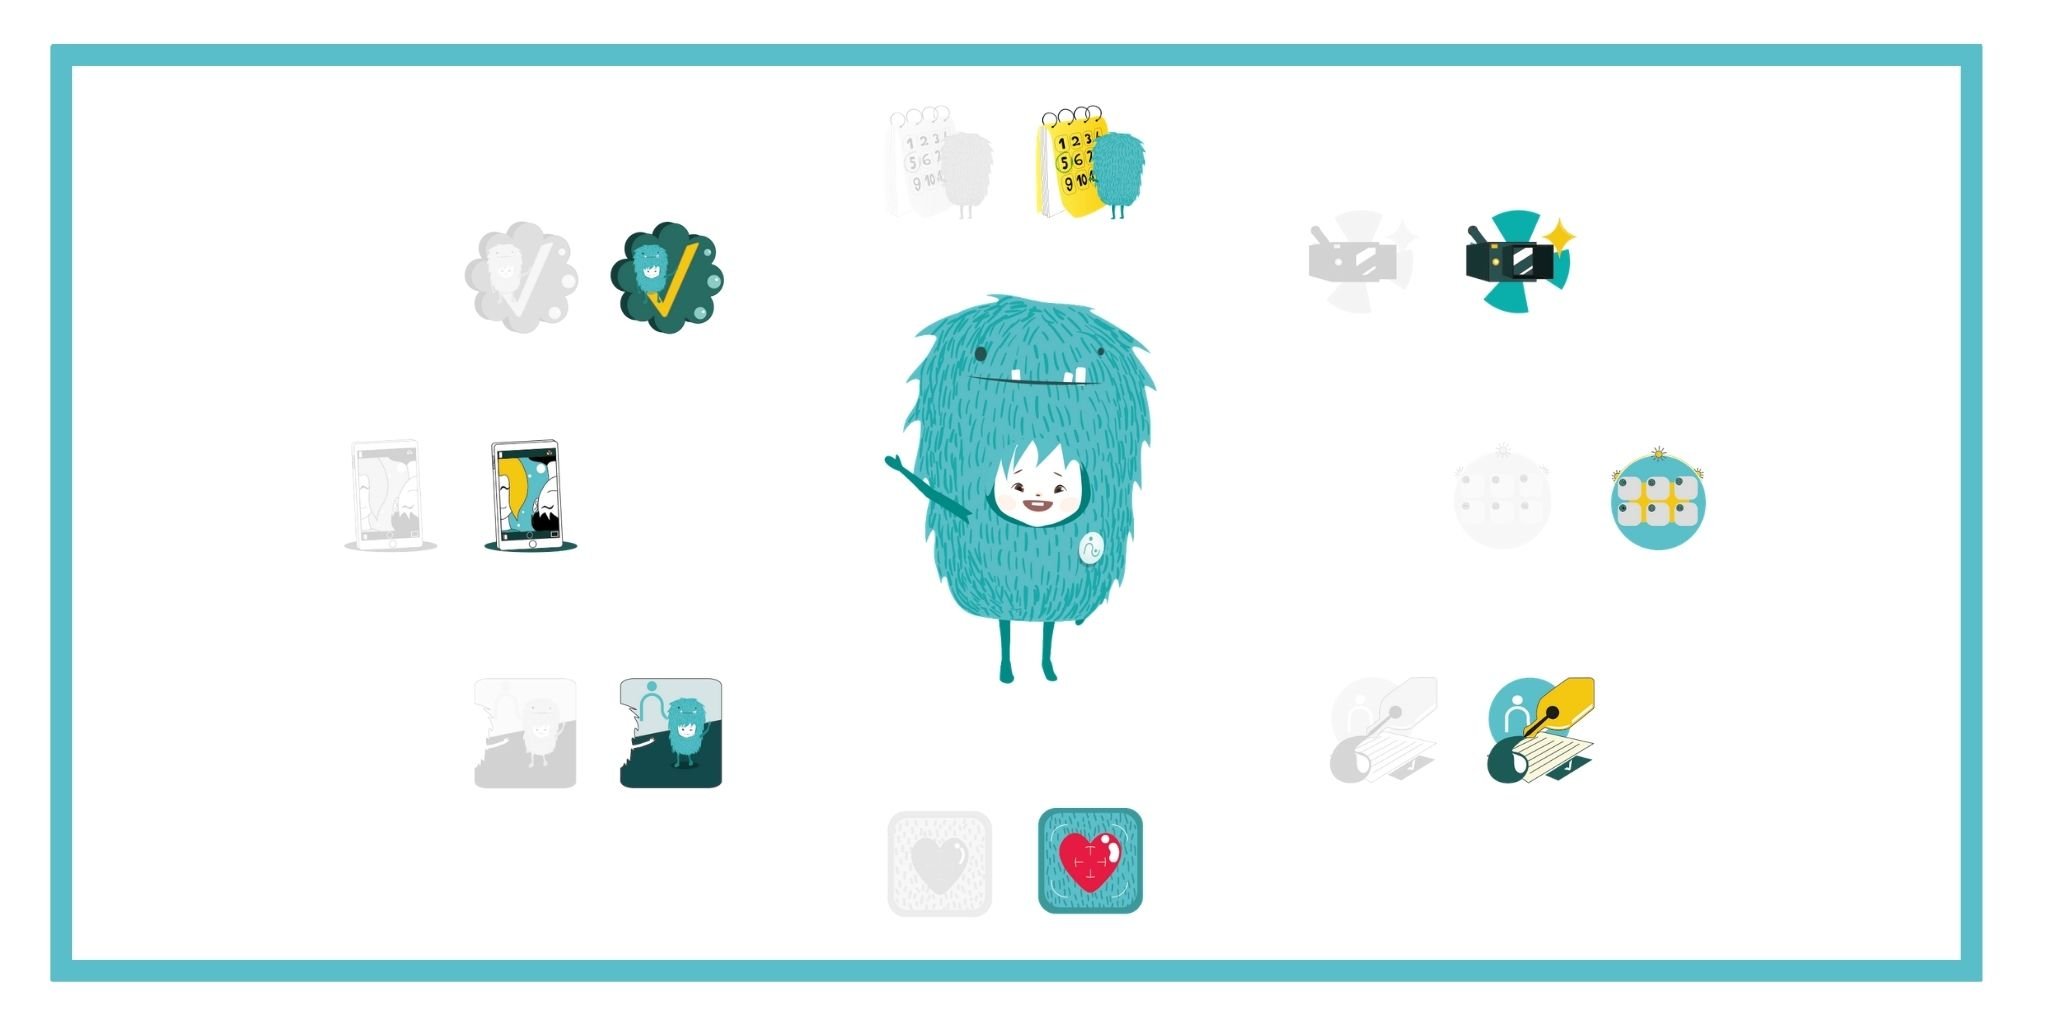 Les Badges Babysits : à quoi servent-ils ?